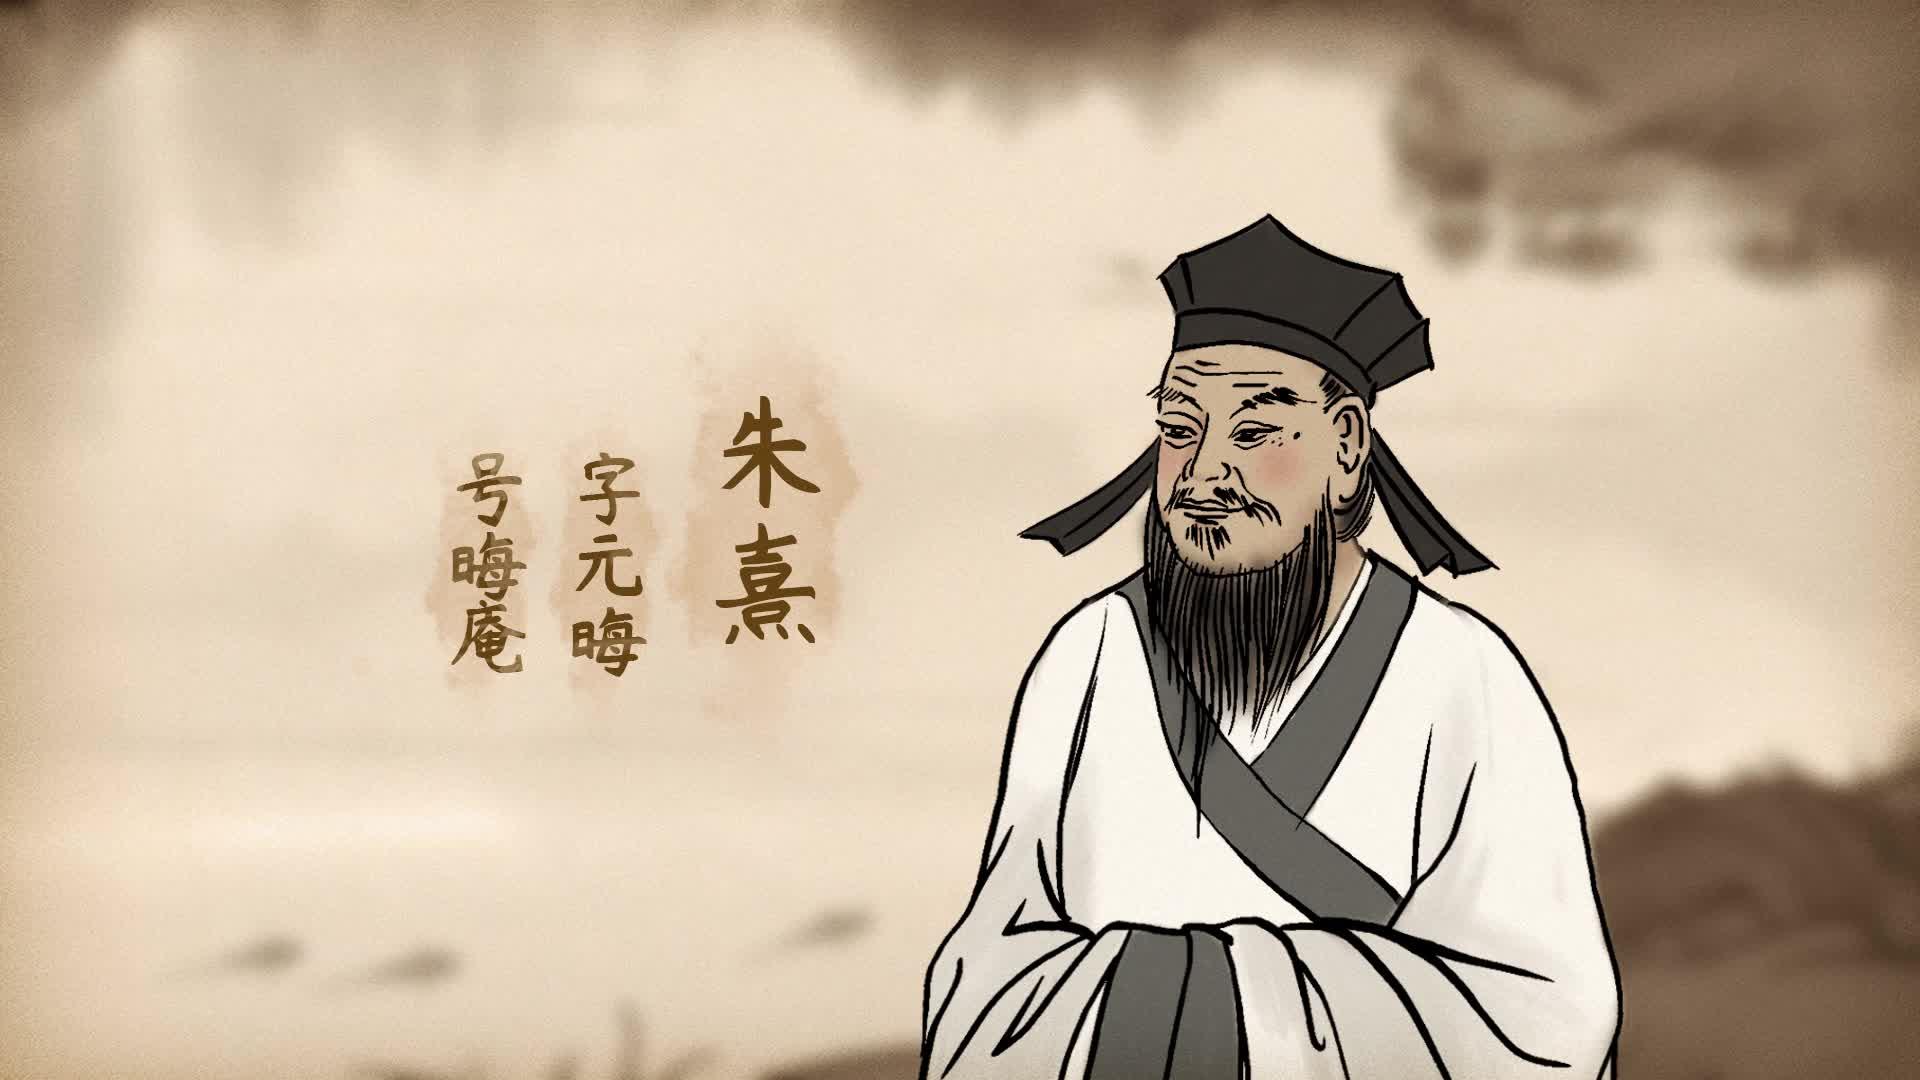 《小学古诗》66观书有感(其一)-宋 朱熹